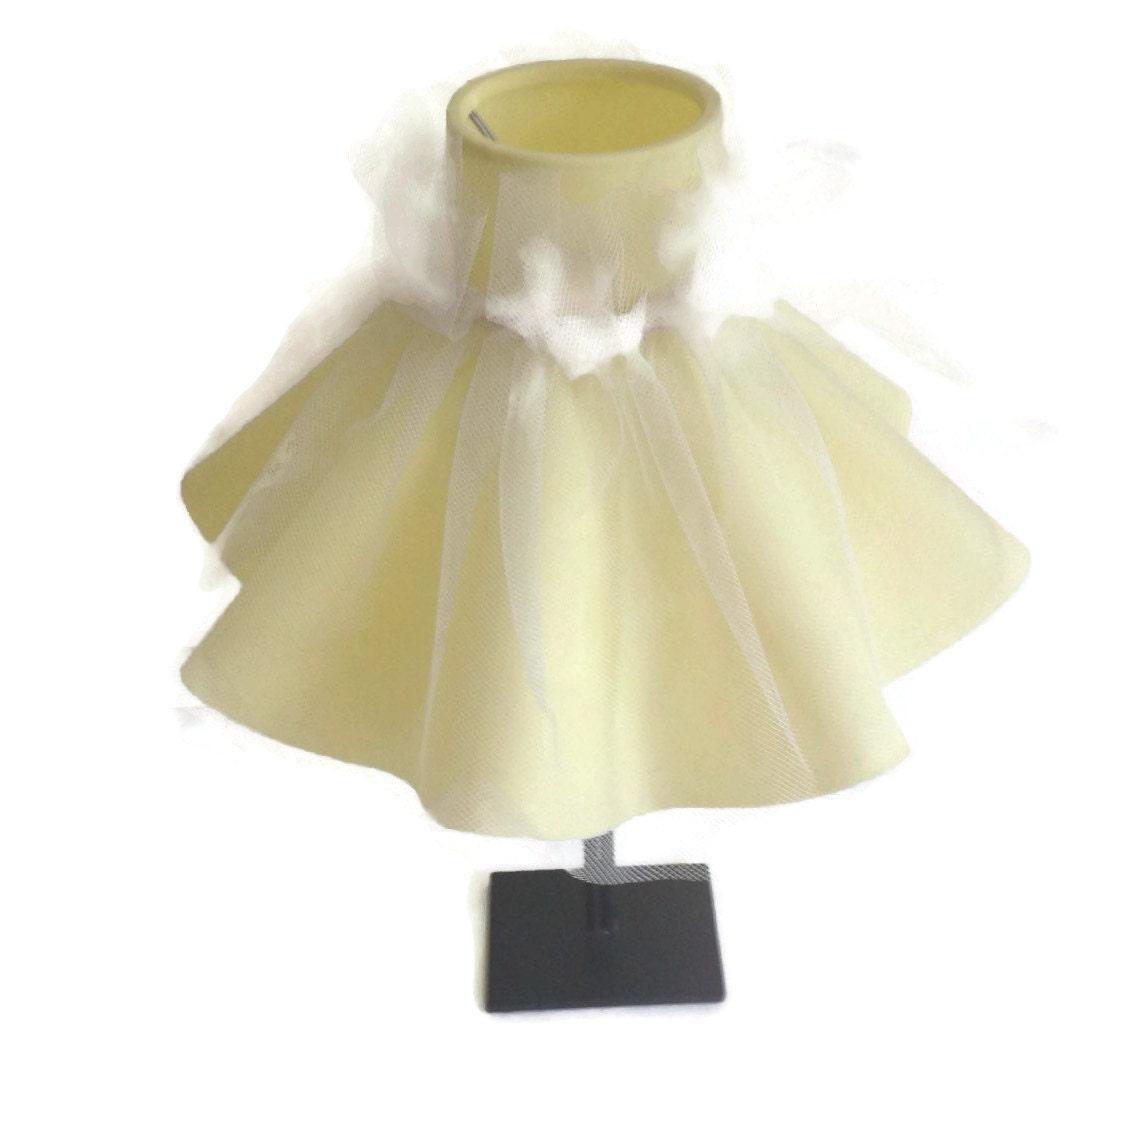 Metal Clip On Lamp Shade: 1950's Ruffled Lamp Shade-Clip On Shades-Yellow